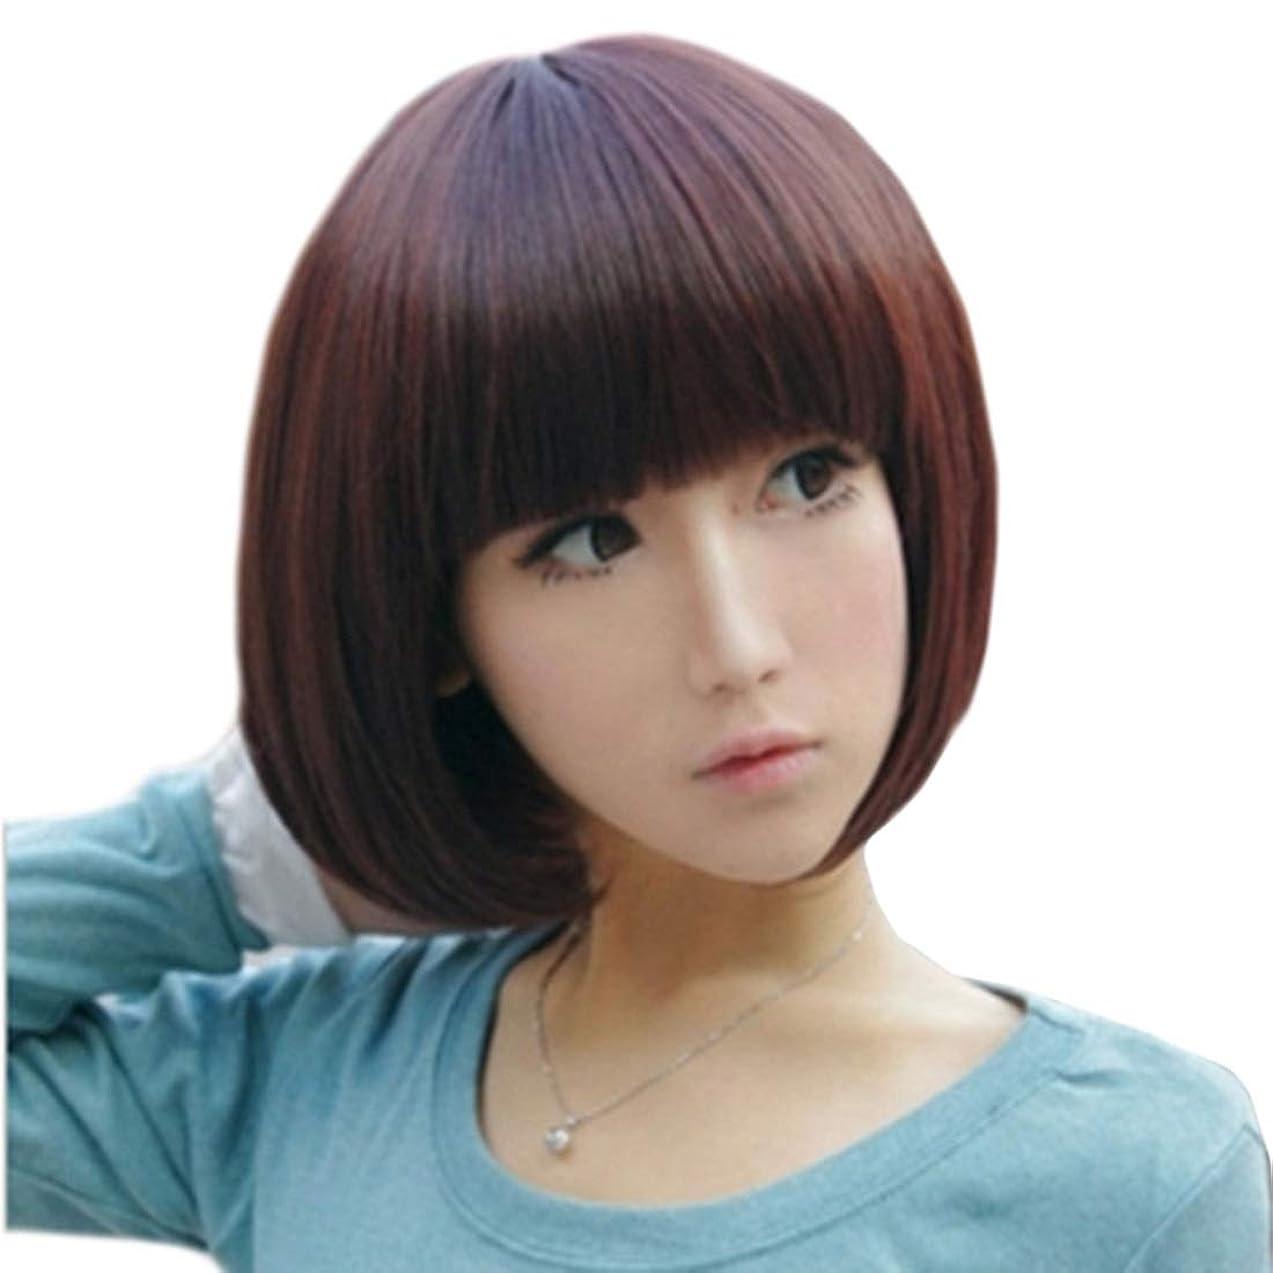 頂点爆風作成するSummerys 本物の髪のように自然な女性のための平らな前髪でストレートショートボブの髪かつら